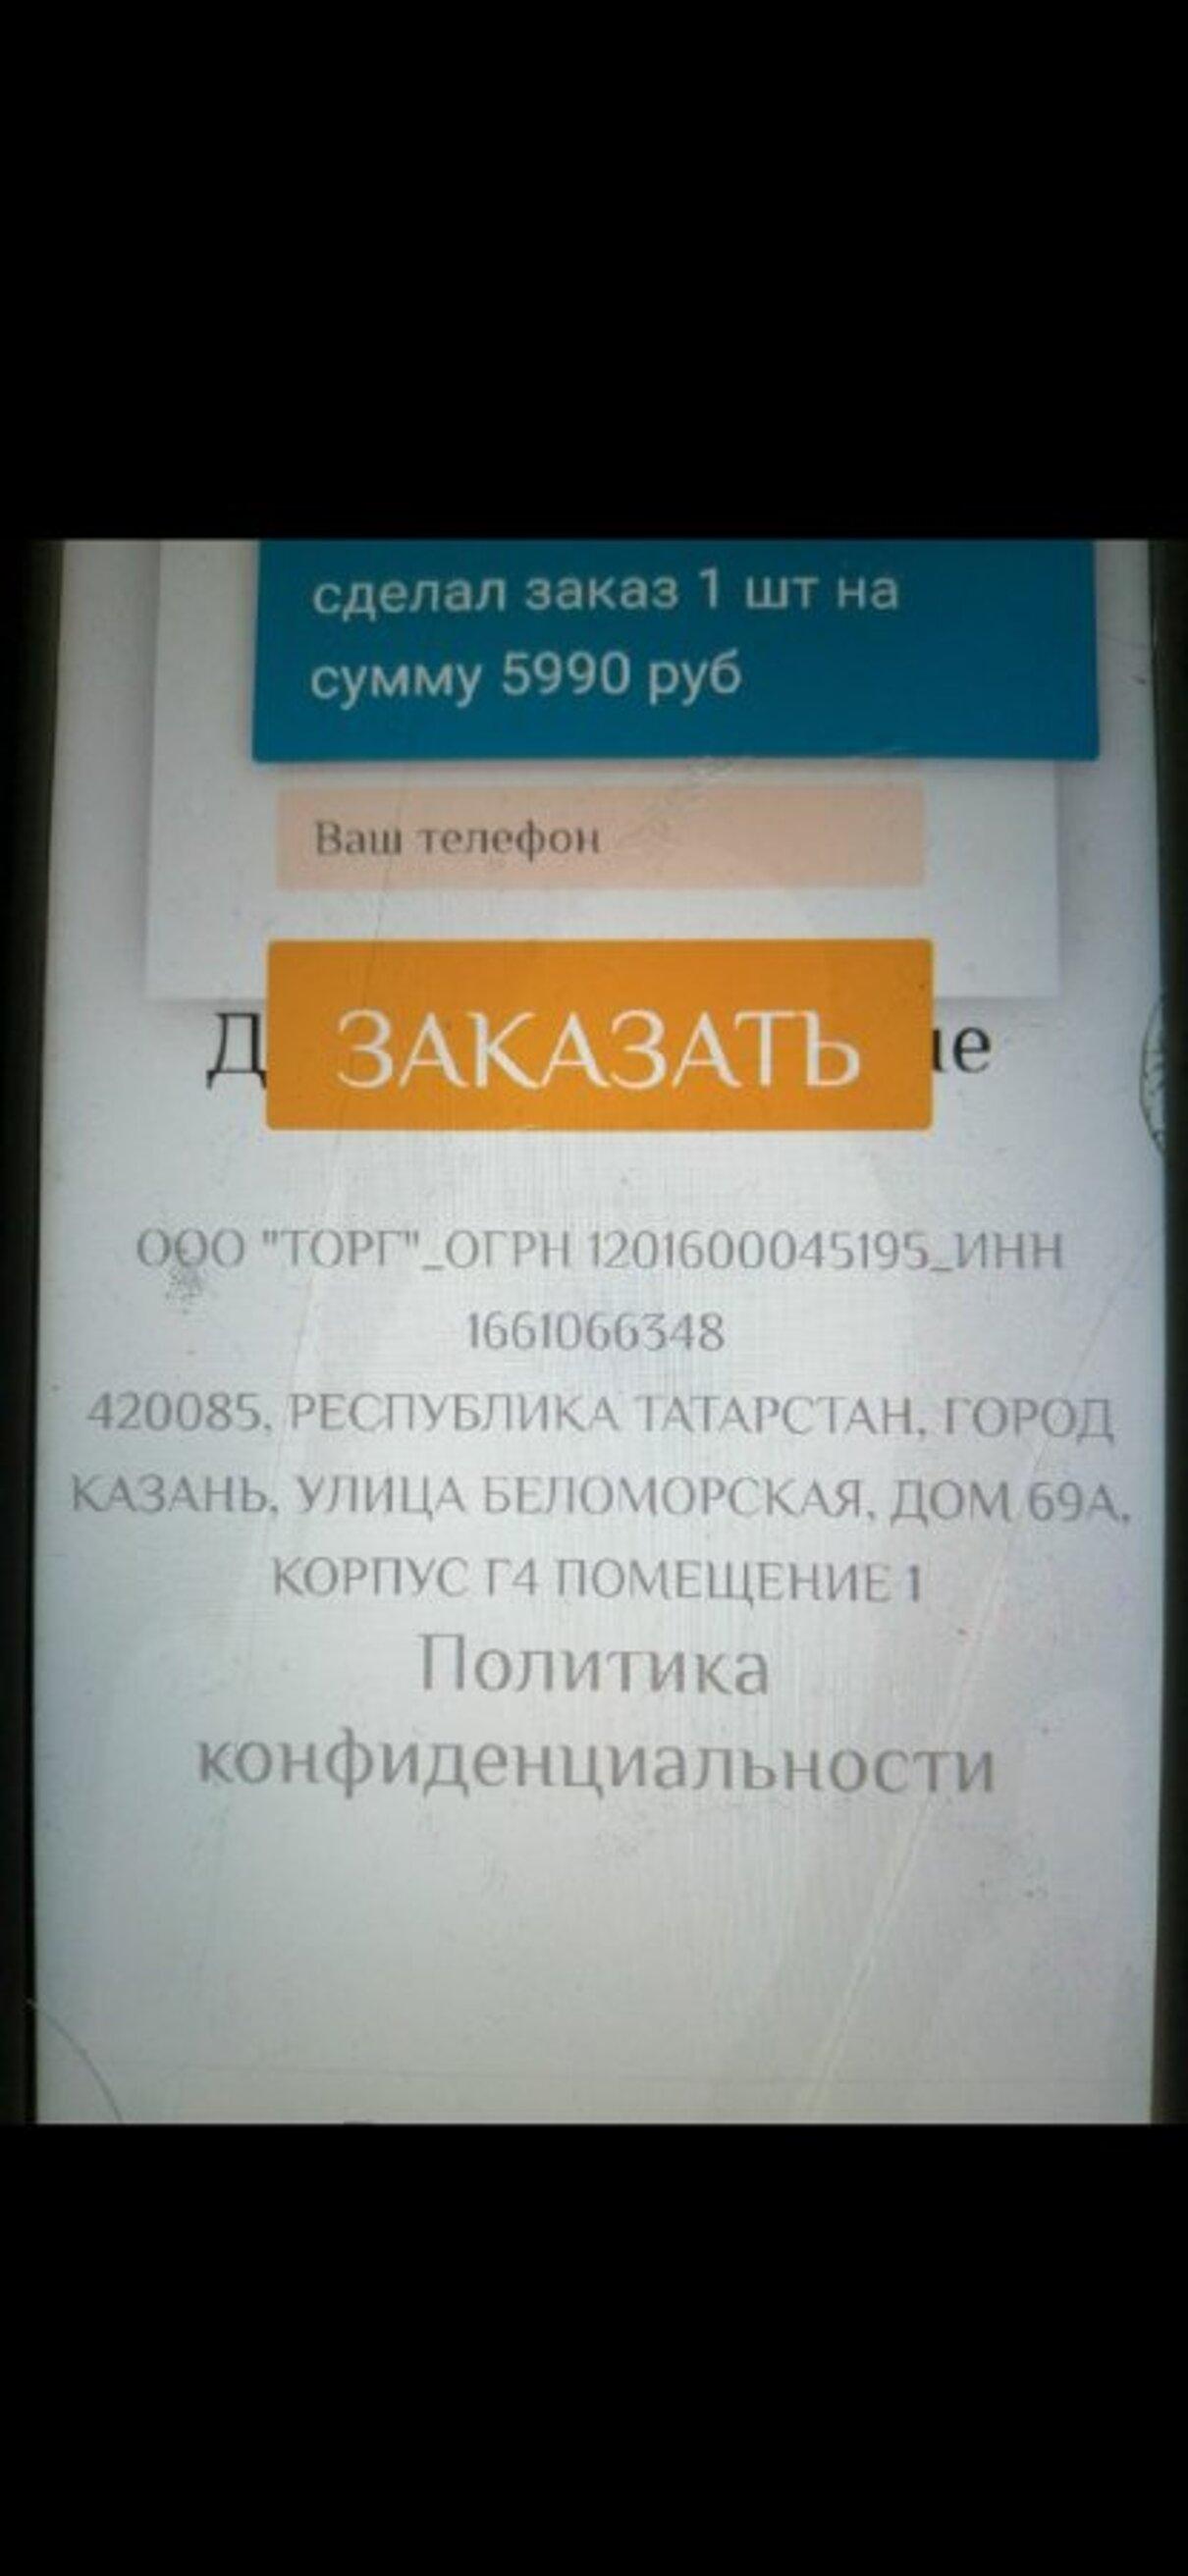 Жалоба-отзыв: Safe@pimpay.ru - Машинка Strong для аппаратного маникюра